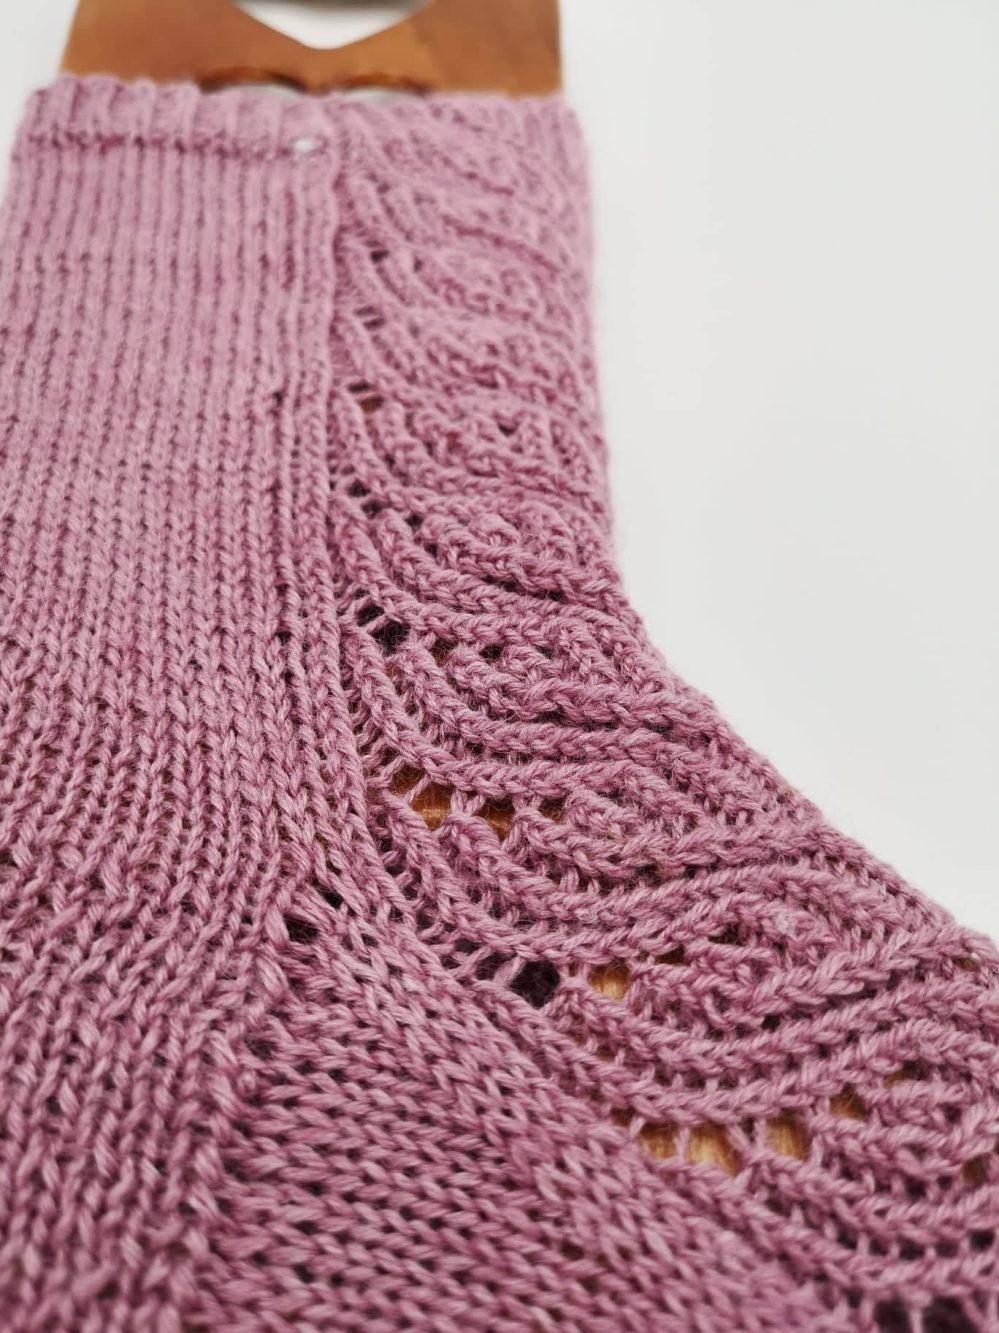 Finnische Socken stricken (8)